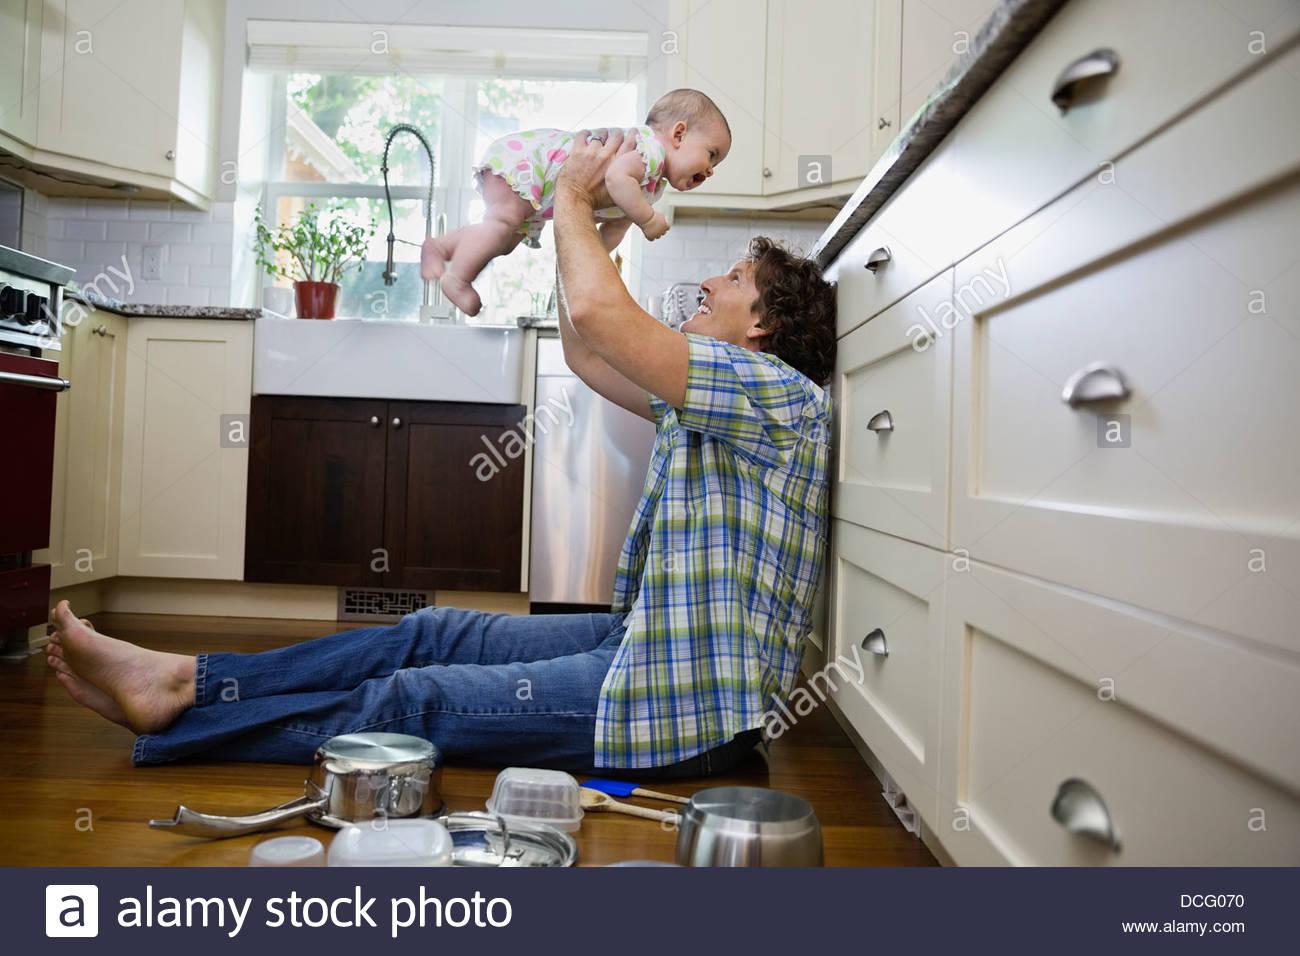 Profilo di shot padre giocando con la bambina in cucina Immagini Stock